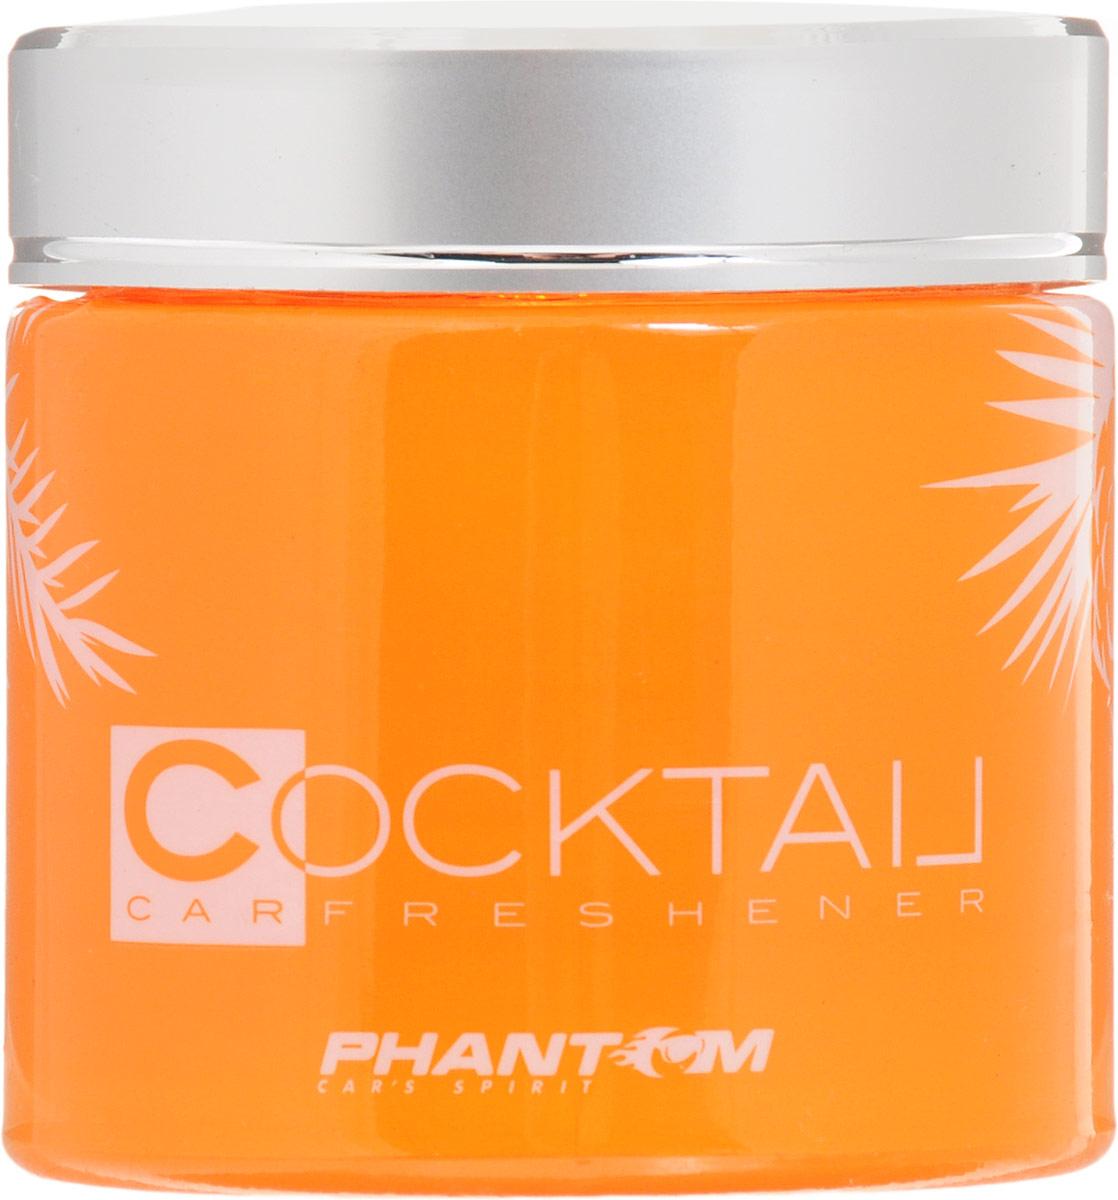 Ароматизатор Tangerine Cocktail, цвет: оранжевый. РН31393139Ароматизатор с запахом мандарина создает приятный, свежий аромат в салоне автомобиля, дома и офисе. Современные технологии изготовления, а также ароматические композиции обеспечивают устойчивый аромат длительное время.Инновационный дизайн - выполнен в оранжевом цвете. Корпус ароматизатора выполнен из высококачественного стекла, а крышка изготовлена из метализированного пластика. Характеристики:Диаметр освежителя: 5 см. Высота освежителя: 6 см. Срок действия: 50 дней. Материал: стекло, пластик, ароматическая отдушка. Размер упаковки: 6,5 см х 6,5 см х 7,5 см. Артикул:РН3139.